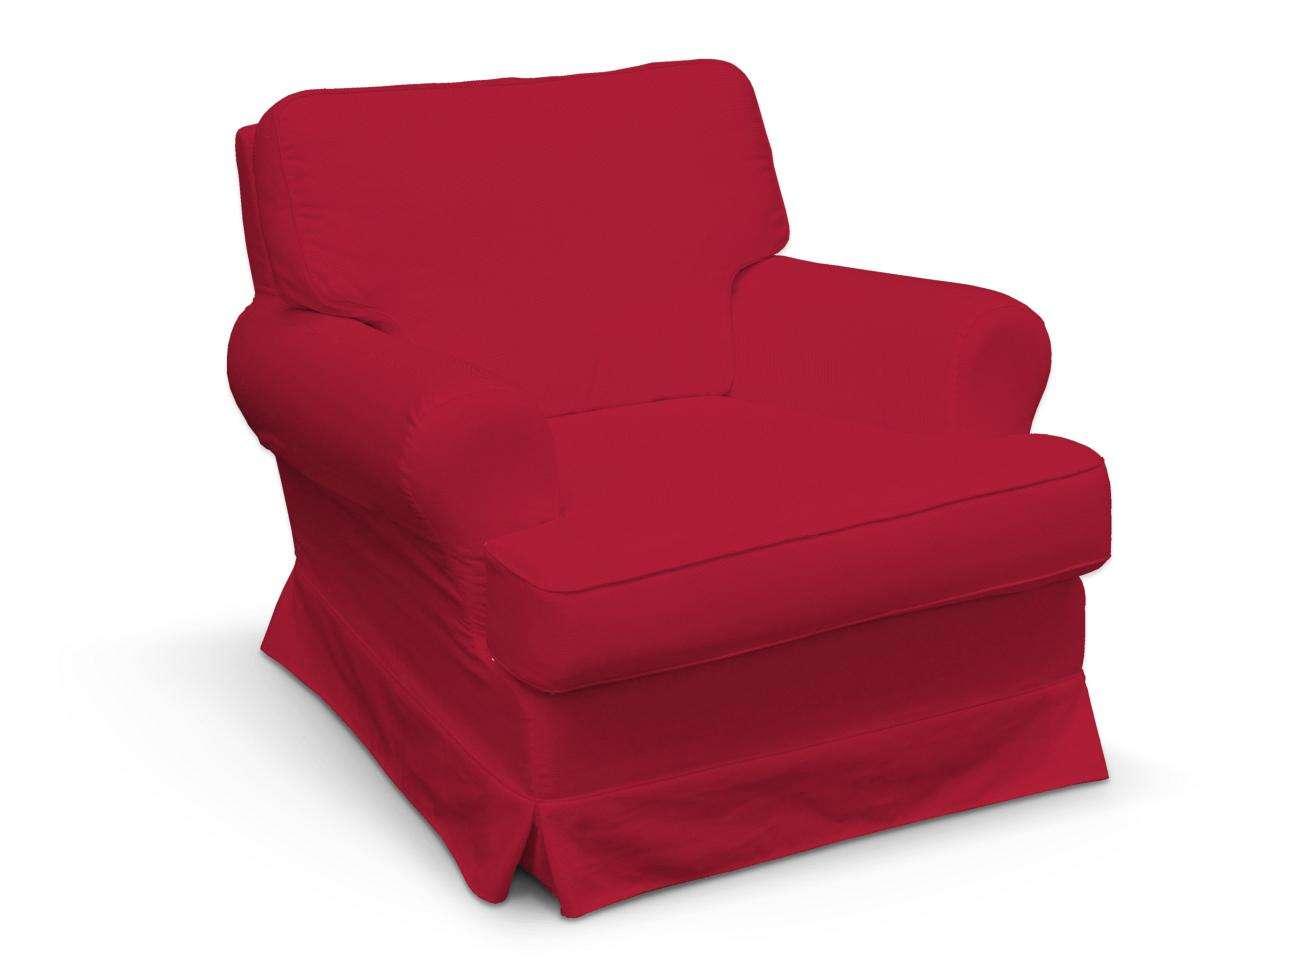 Pokrowiec na fotel Barkaby fotel Barkaby w kolekcji Cotton Panama, tkanina: 702-04